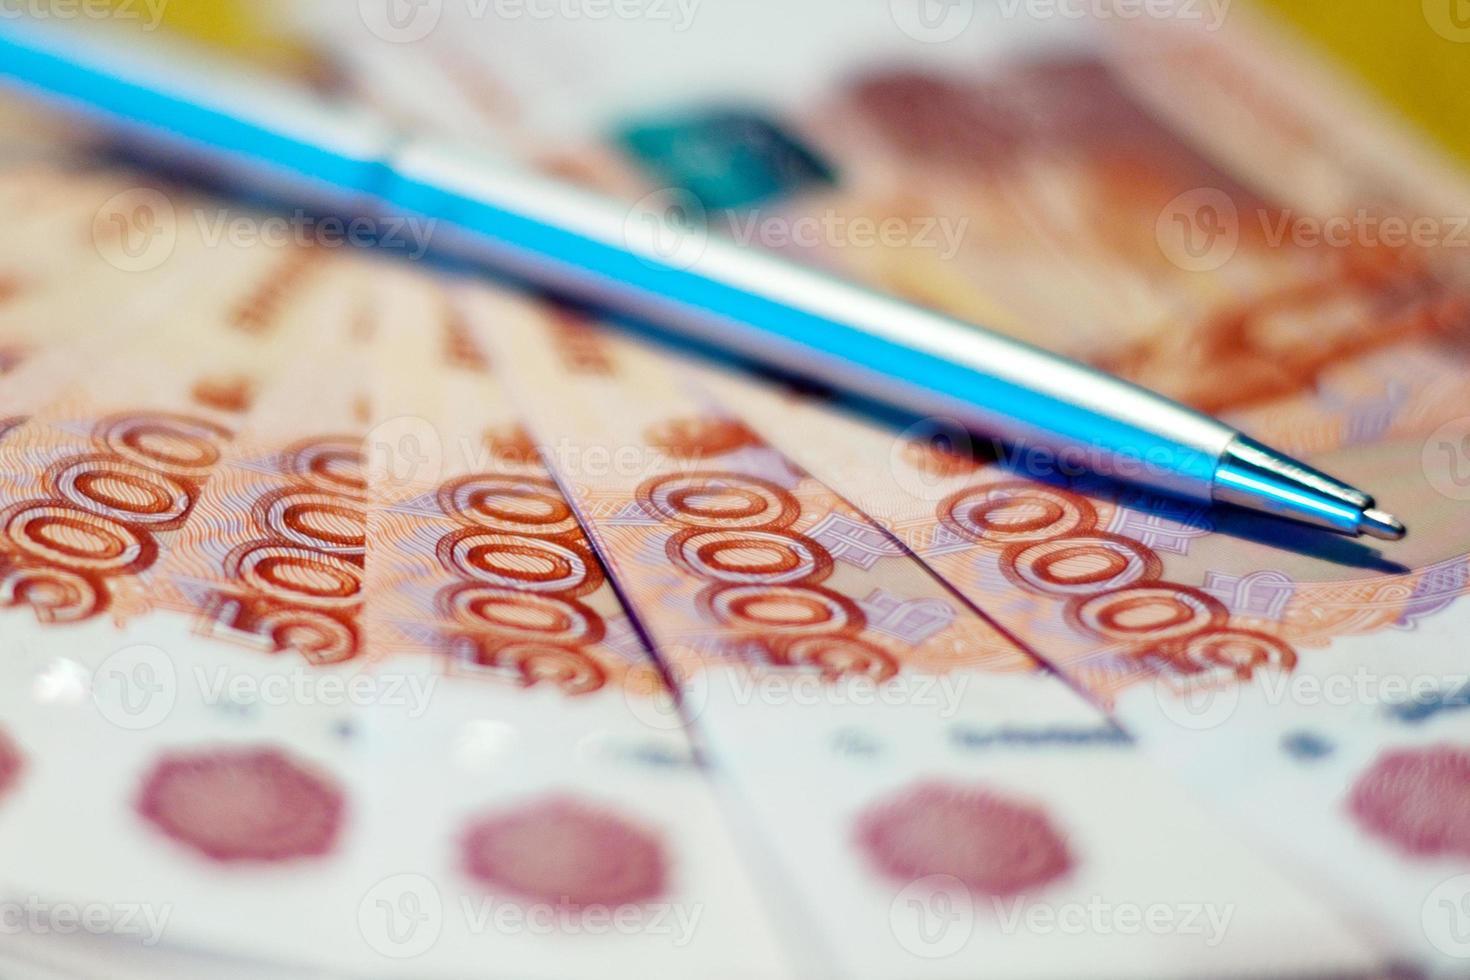 ryska pengar och penna foto